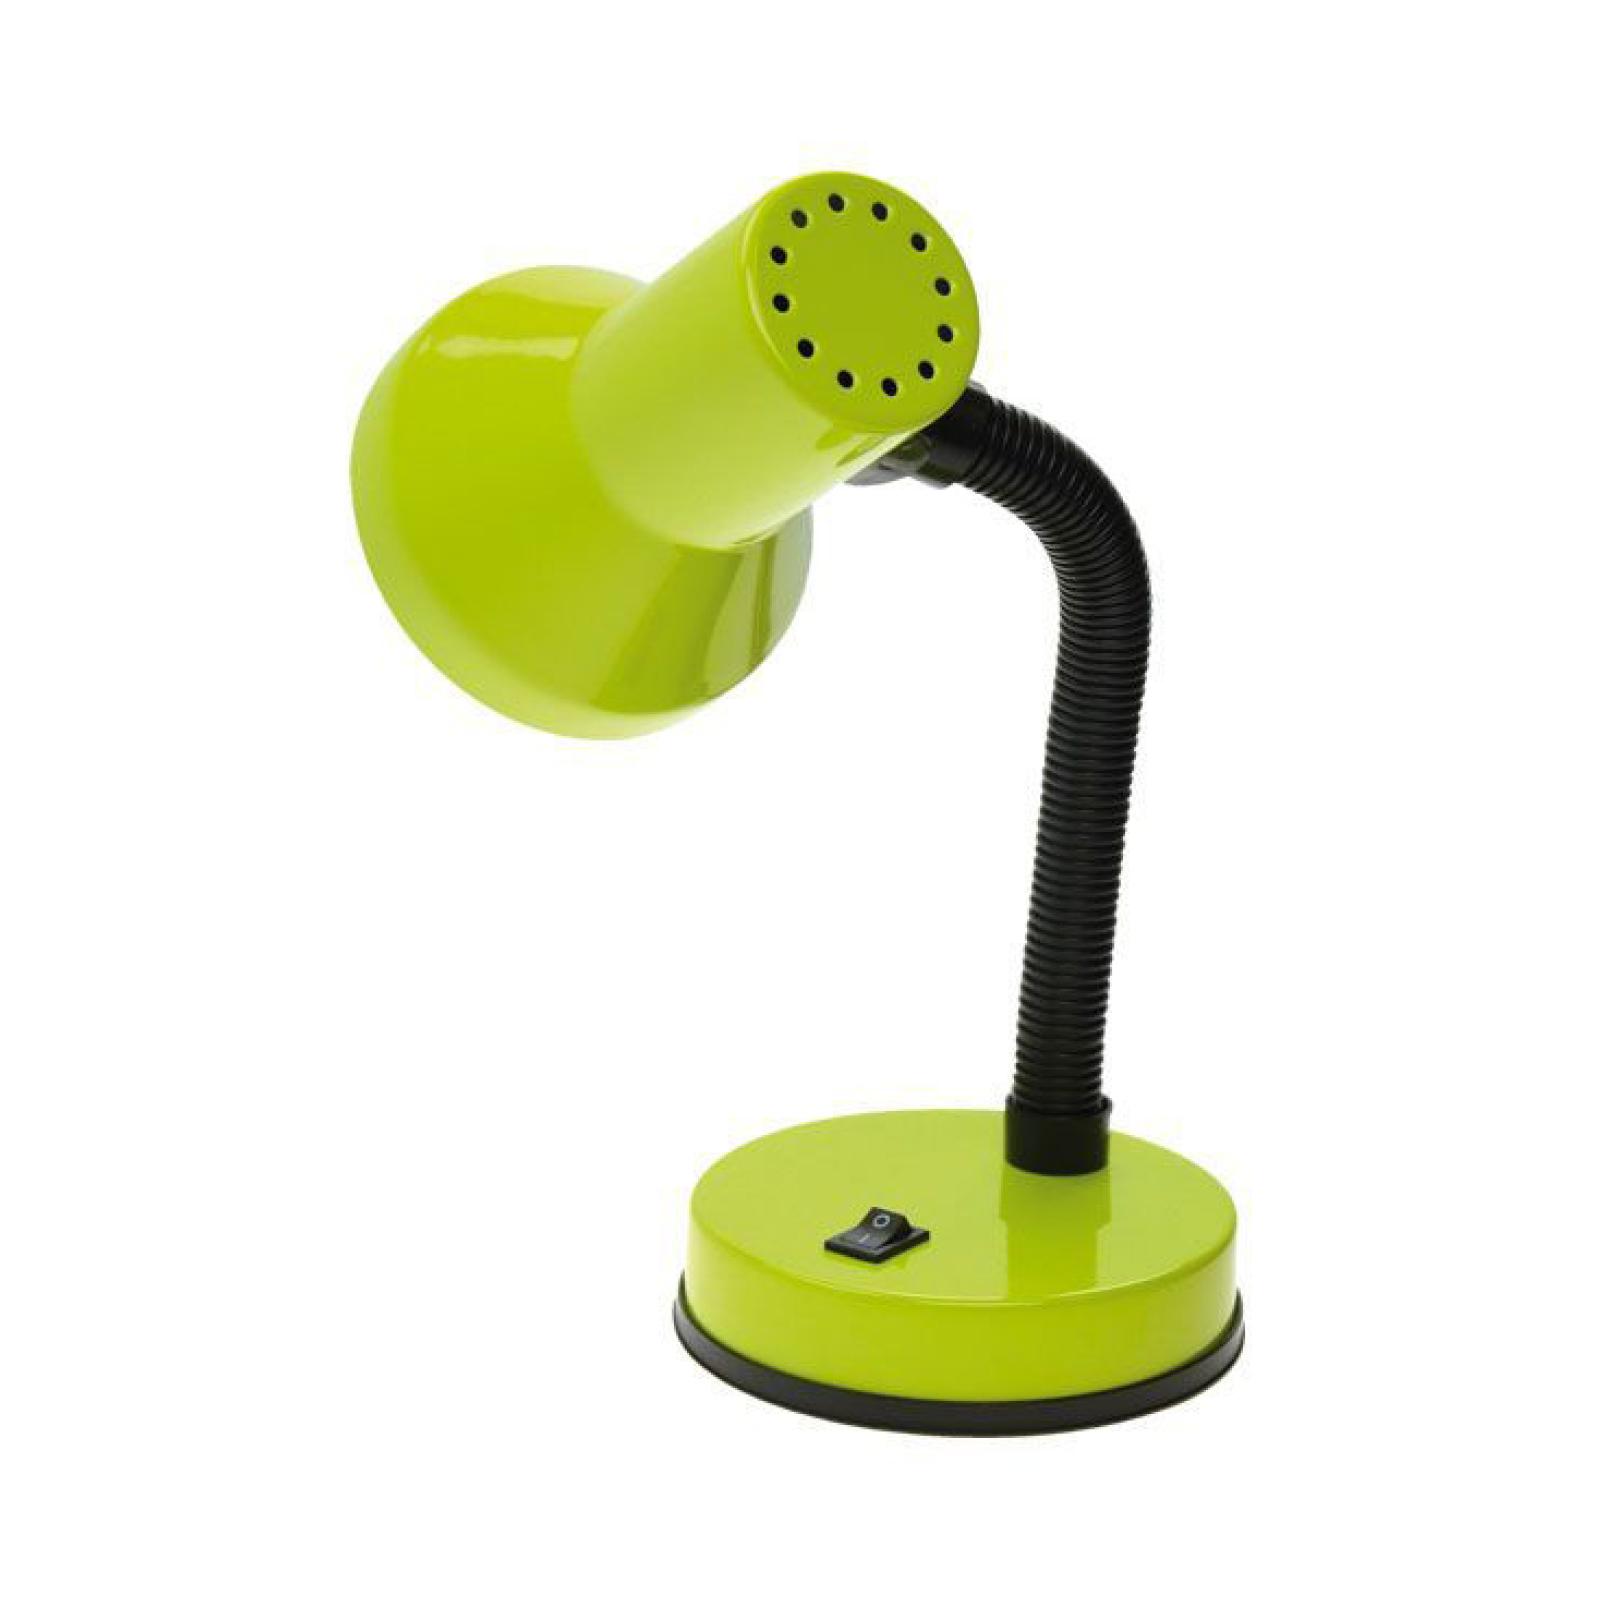 tischlleuchte tischlampe schreibtisch lampe kinder zimmer schreib tisch leuchte ebay. Black Bedroom Furniture Sets. Home Design Ideas